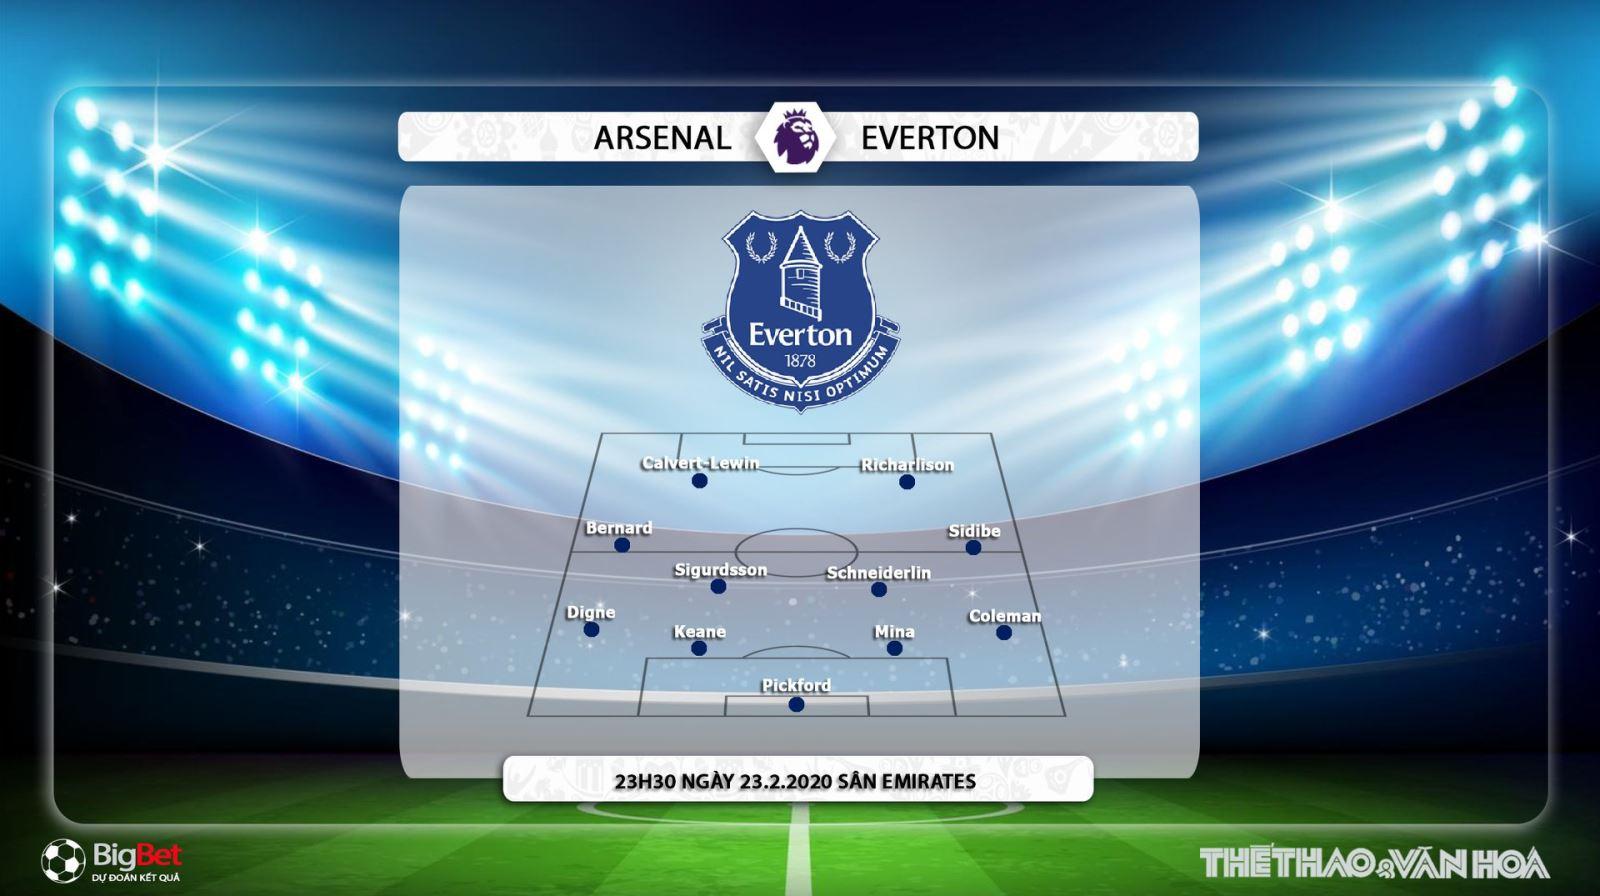 Arsenal vs Everton, nhận định Arsenal vs Everton, dự đoán Arsenal vs Everton, Arsenal, Everton, bóng đá, bong đá, soi kèo Arsenal vs Everton, K+PC, K+PM